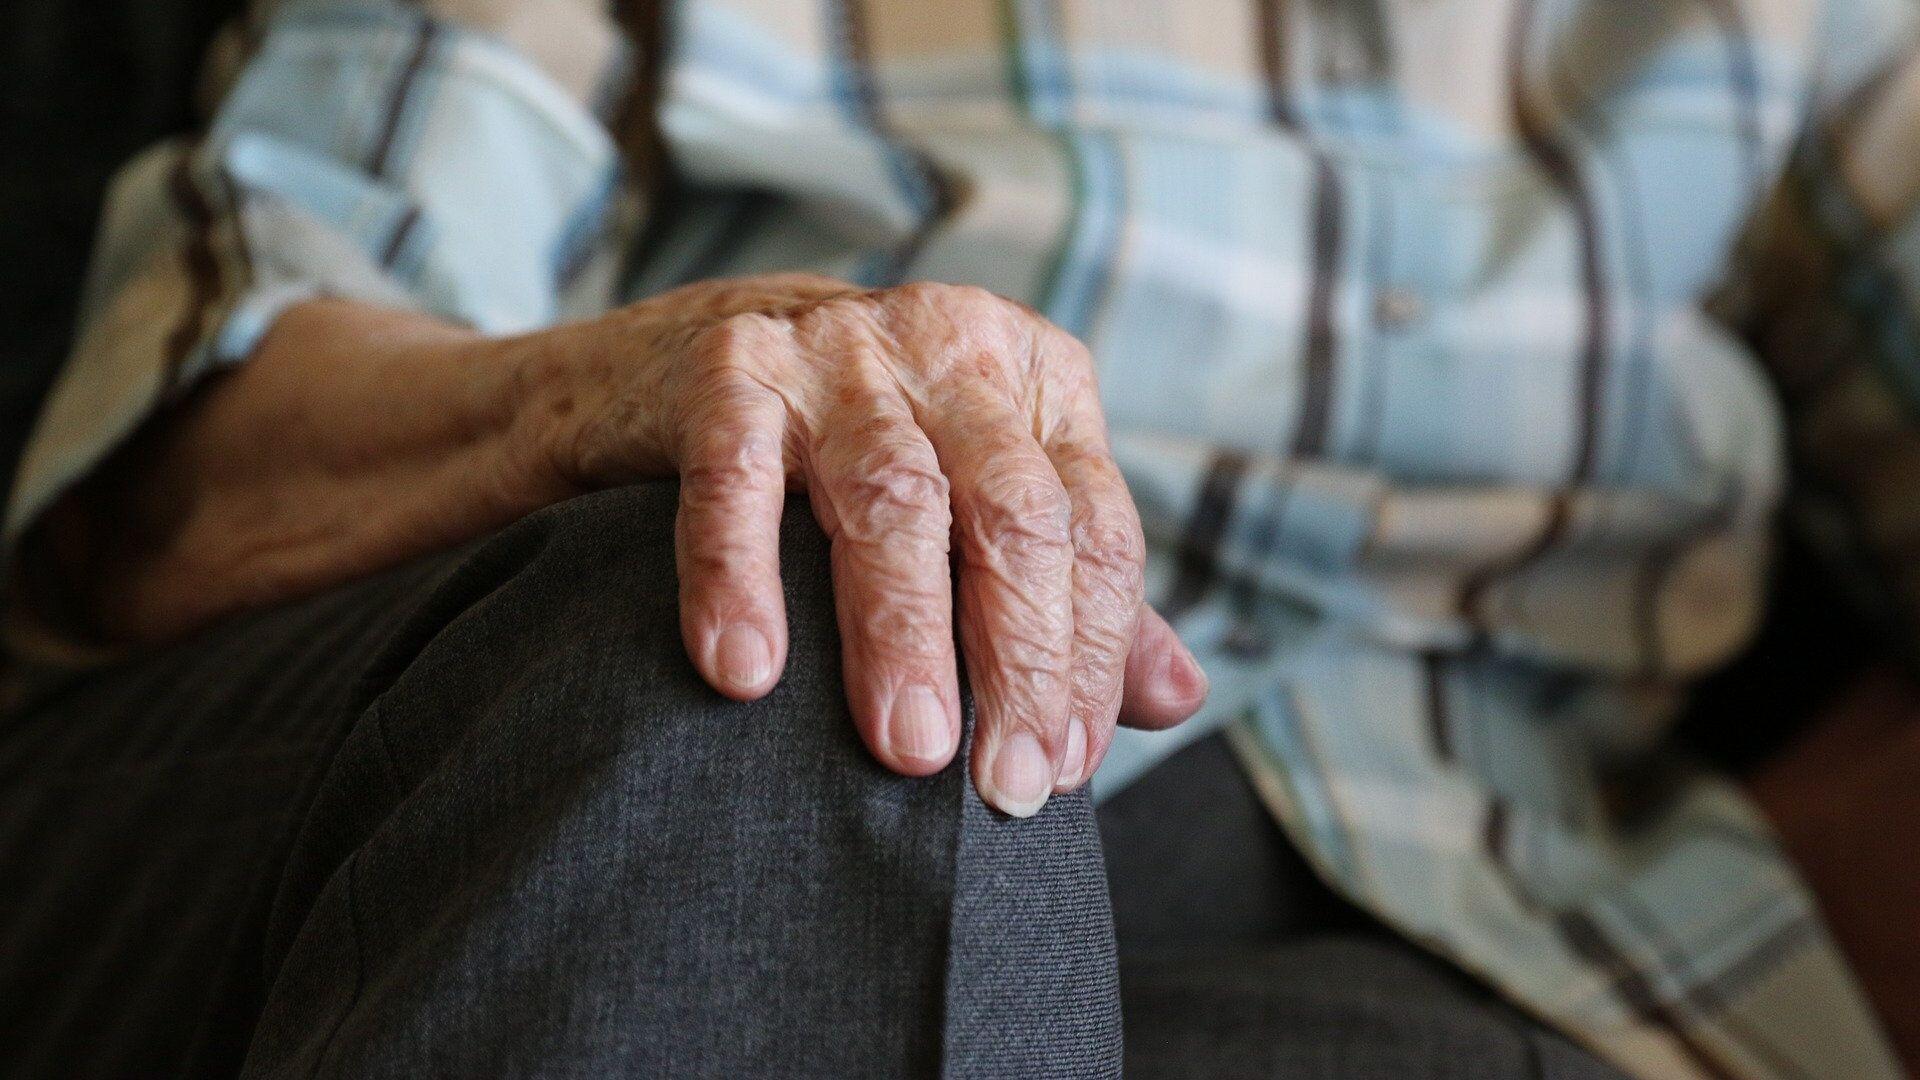 Las manos de una persona mayor - Sputnik Mundo, 1920, 20.04.2021